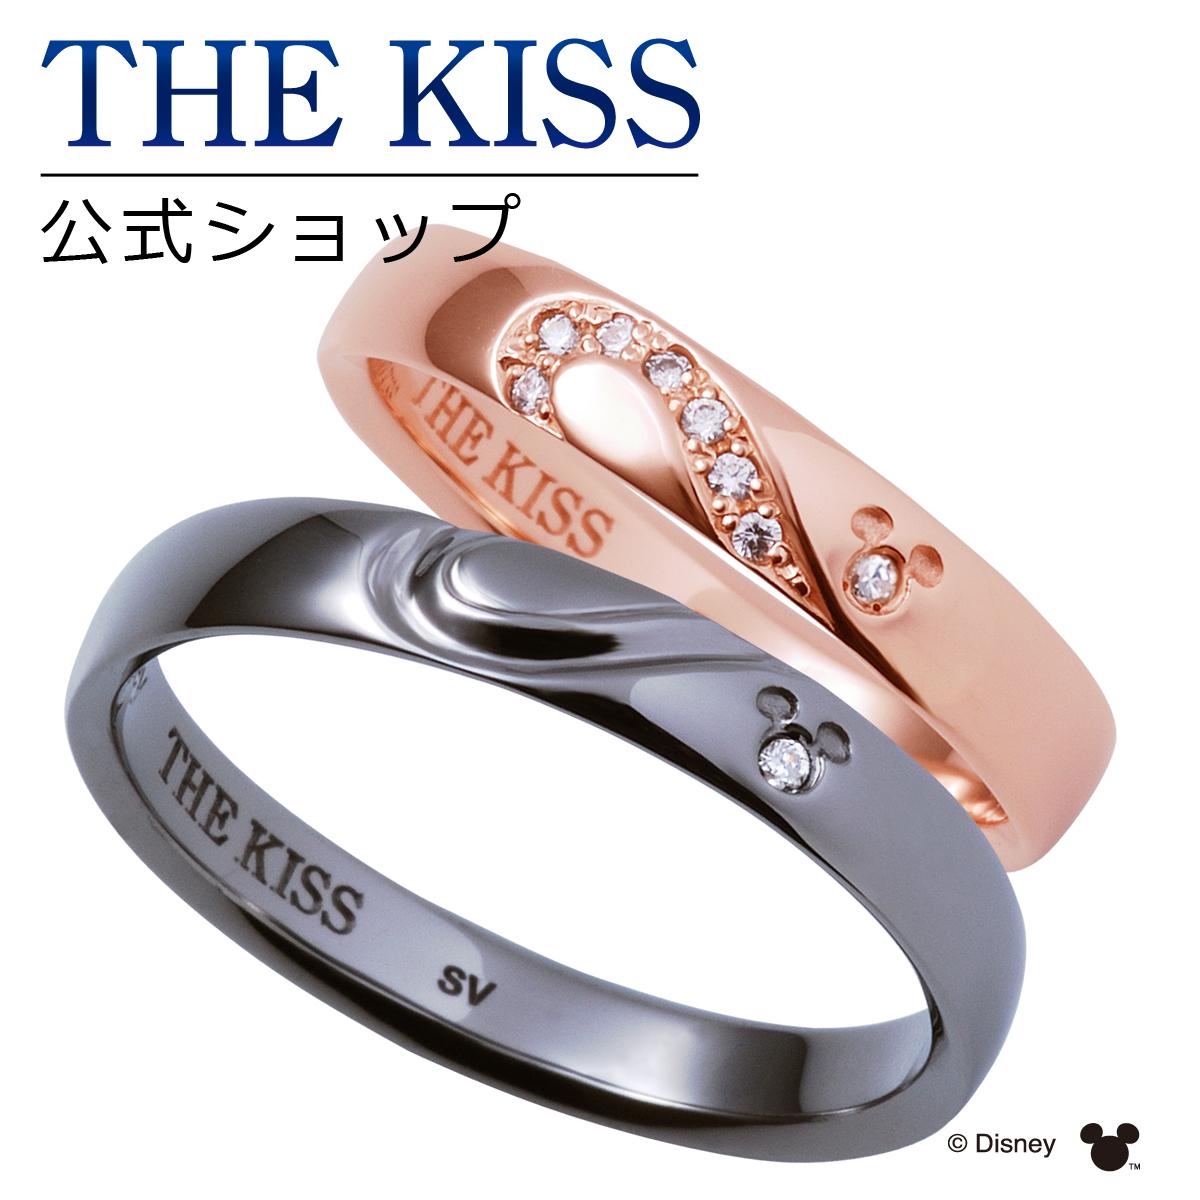 【あす楽対応】【ディズニーコレクション】 ディズニー / ペアリング / 隠れミッキーマウス / THE KISS リング・指輪 シルバー ダイヤモンド DI-SR6000DM-6001DM セット シンプル 男性 女性 2個ペア ザキス 【送料無料】